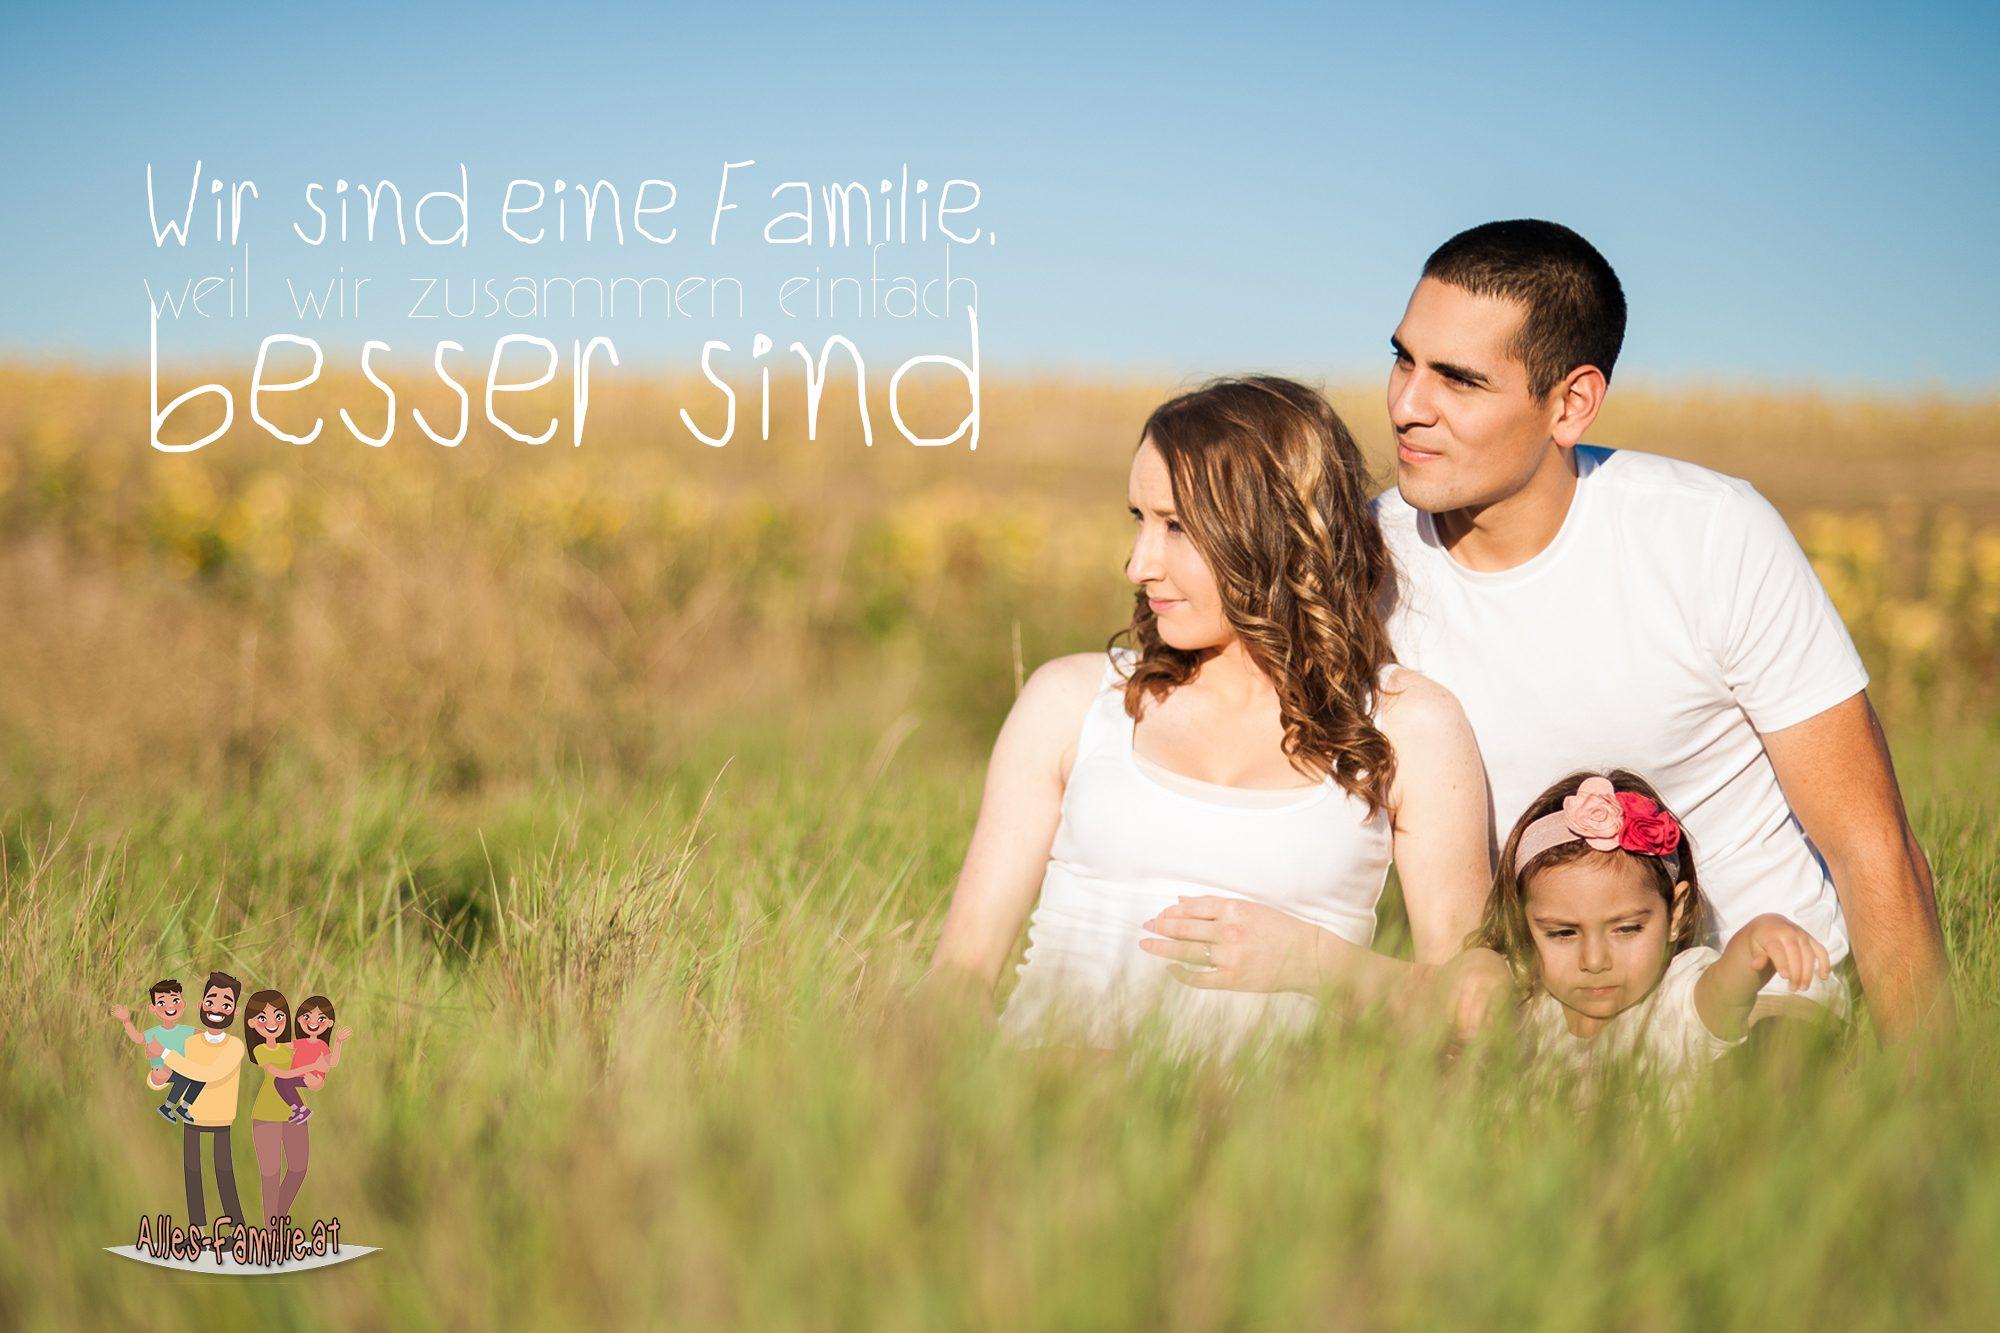 Wir sind eine Familie, weil wir zusammen einfach besser sind